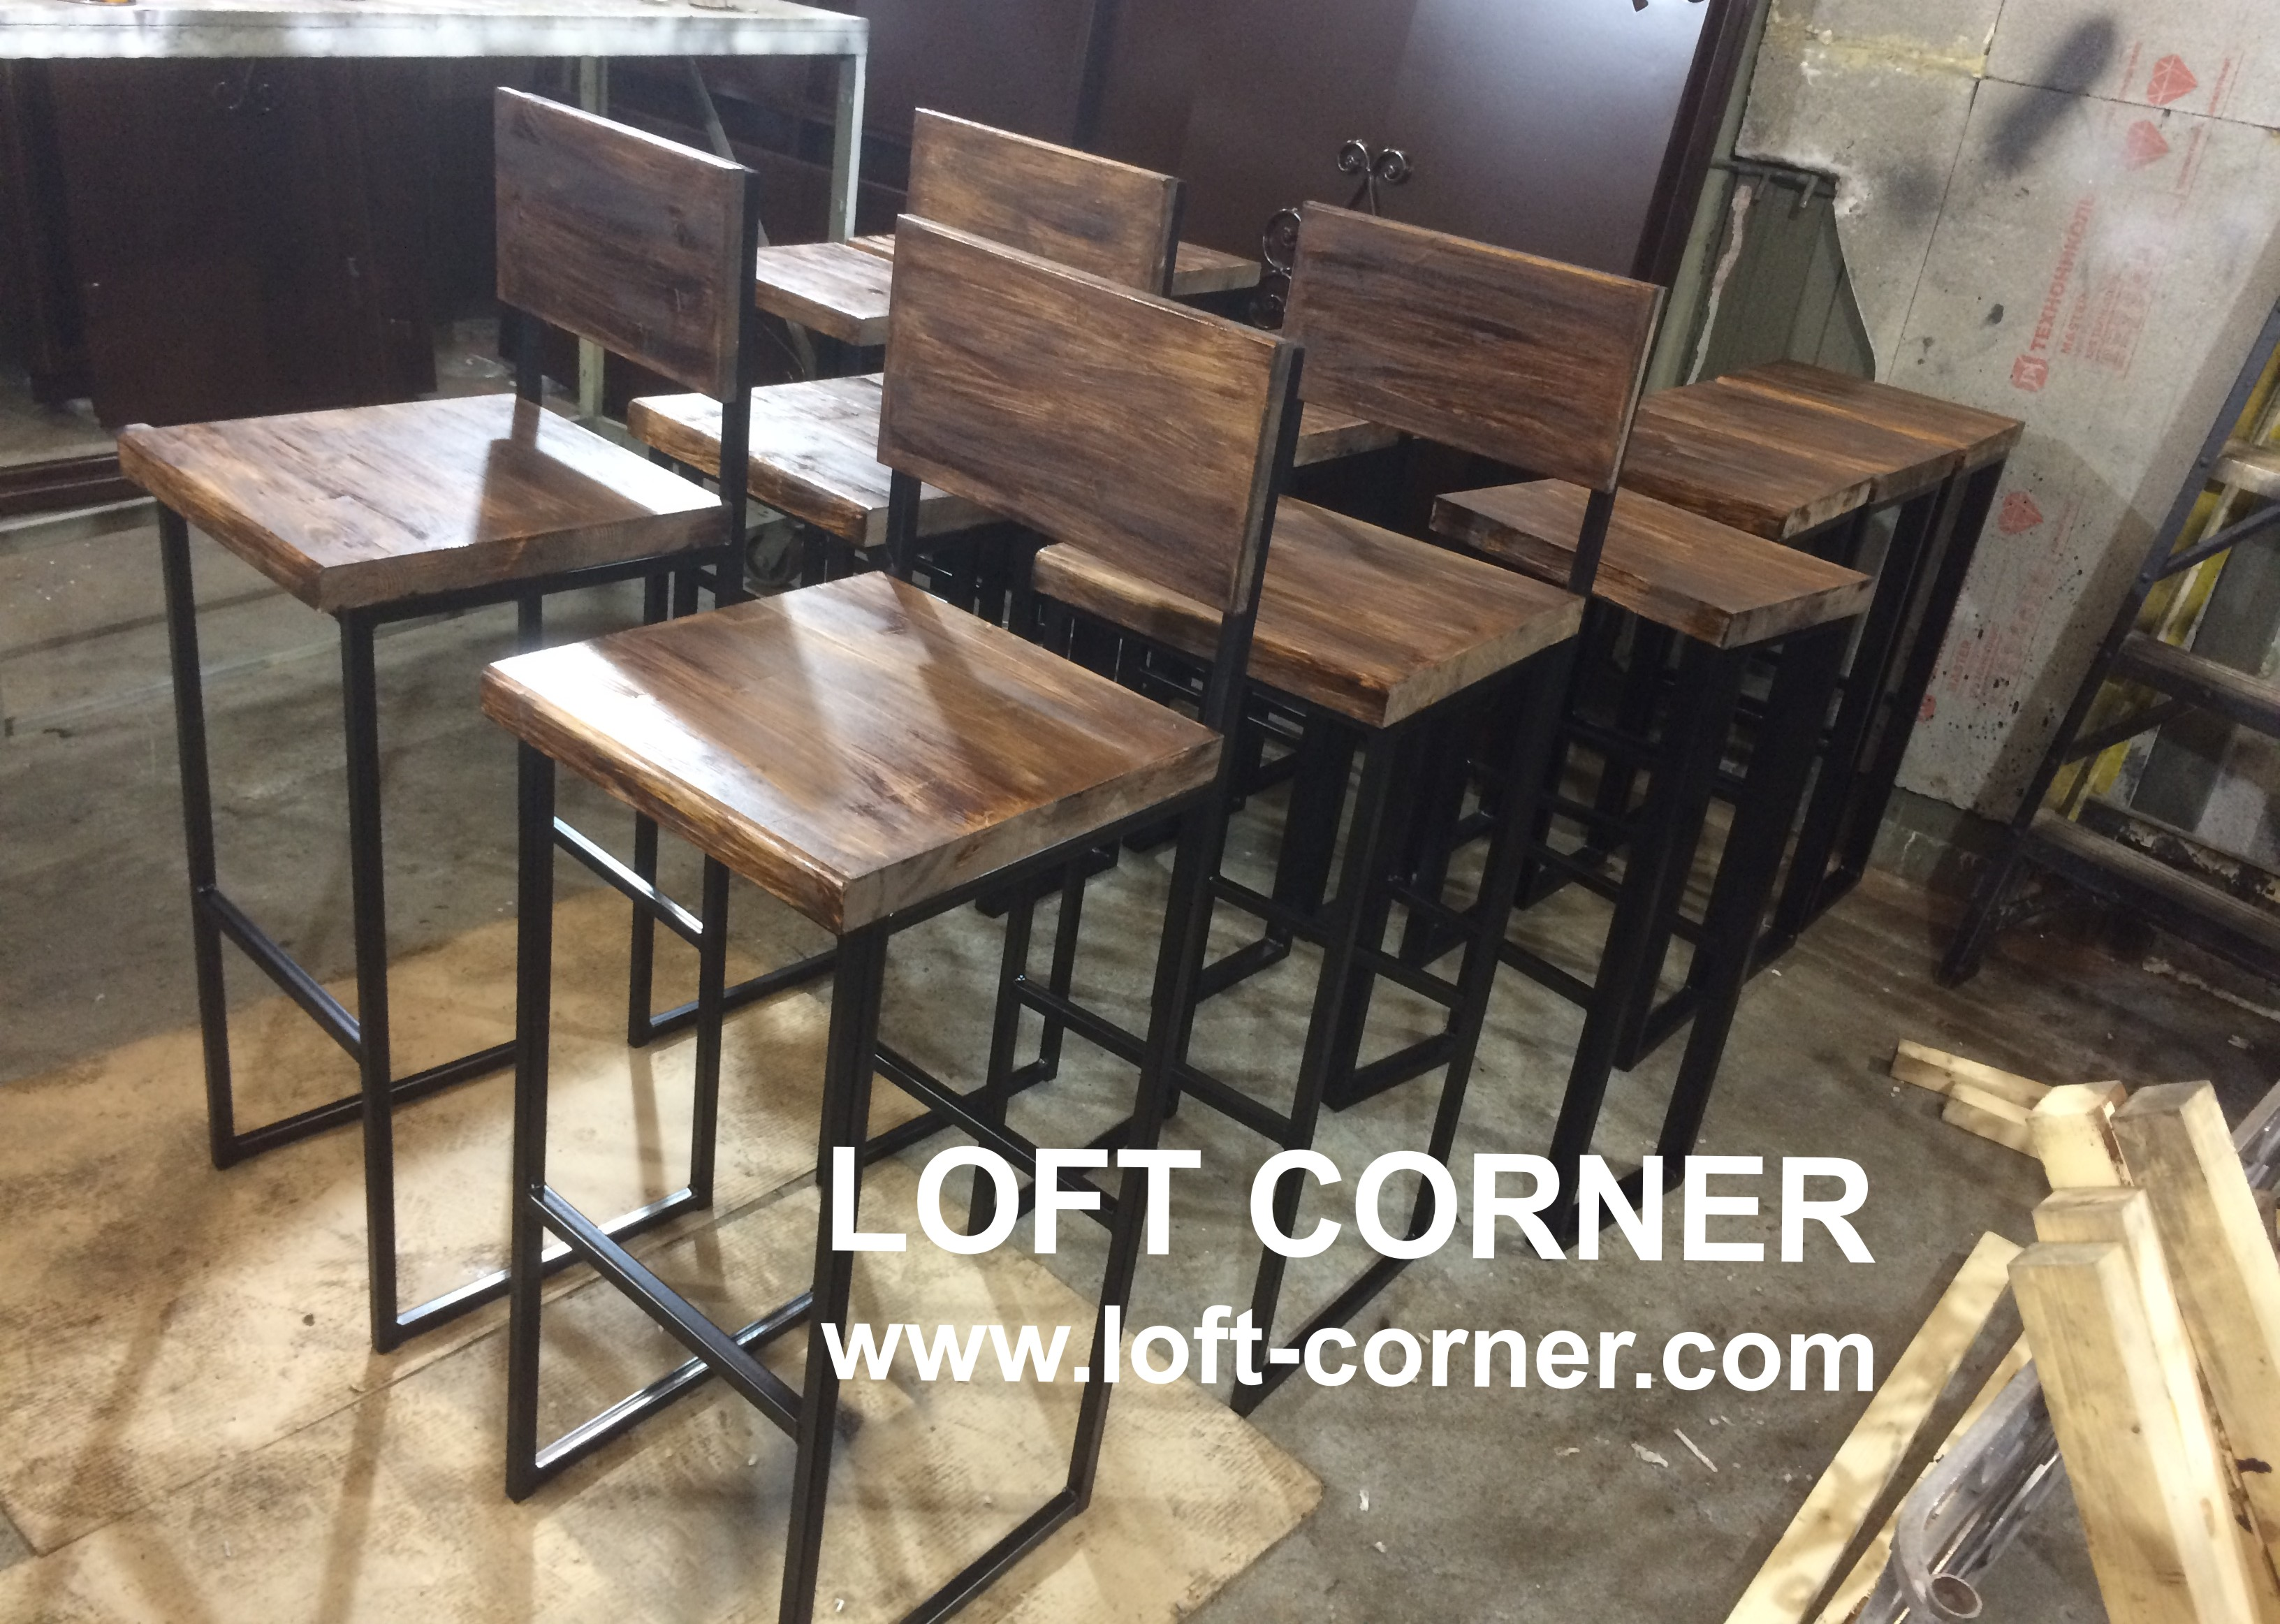 Барная мебель лофт, барные стулья лофт, ресторанные стулья лофт, мебель в индустриальном стиле